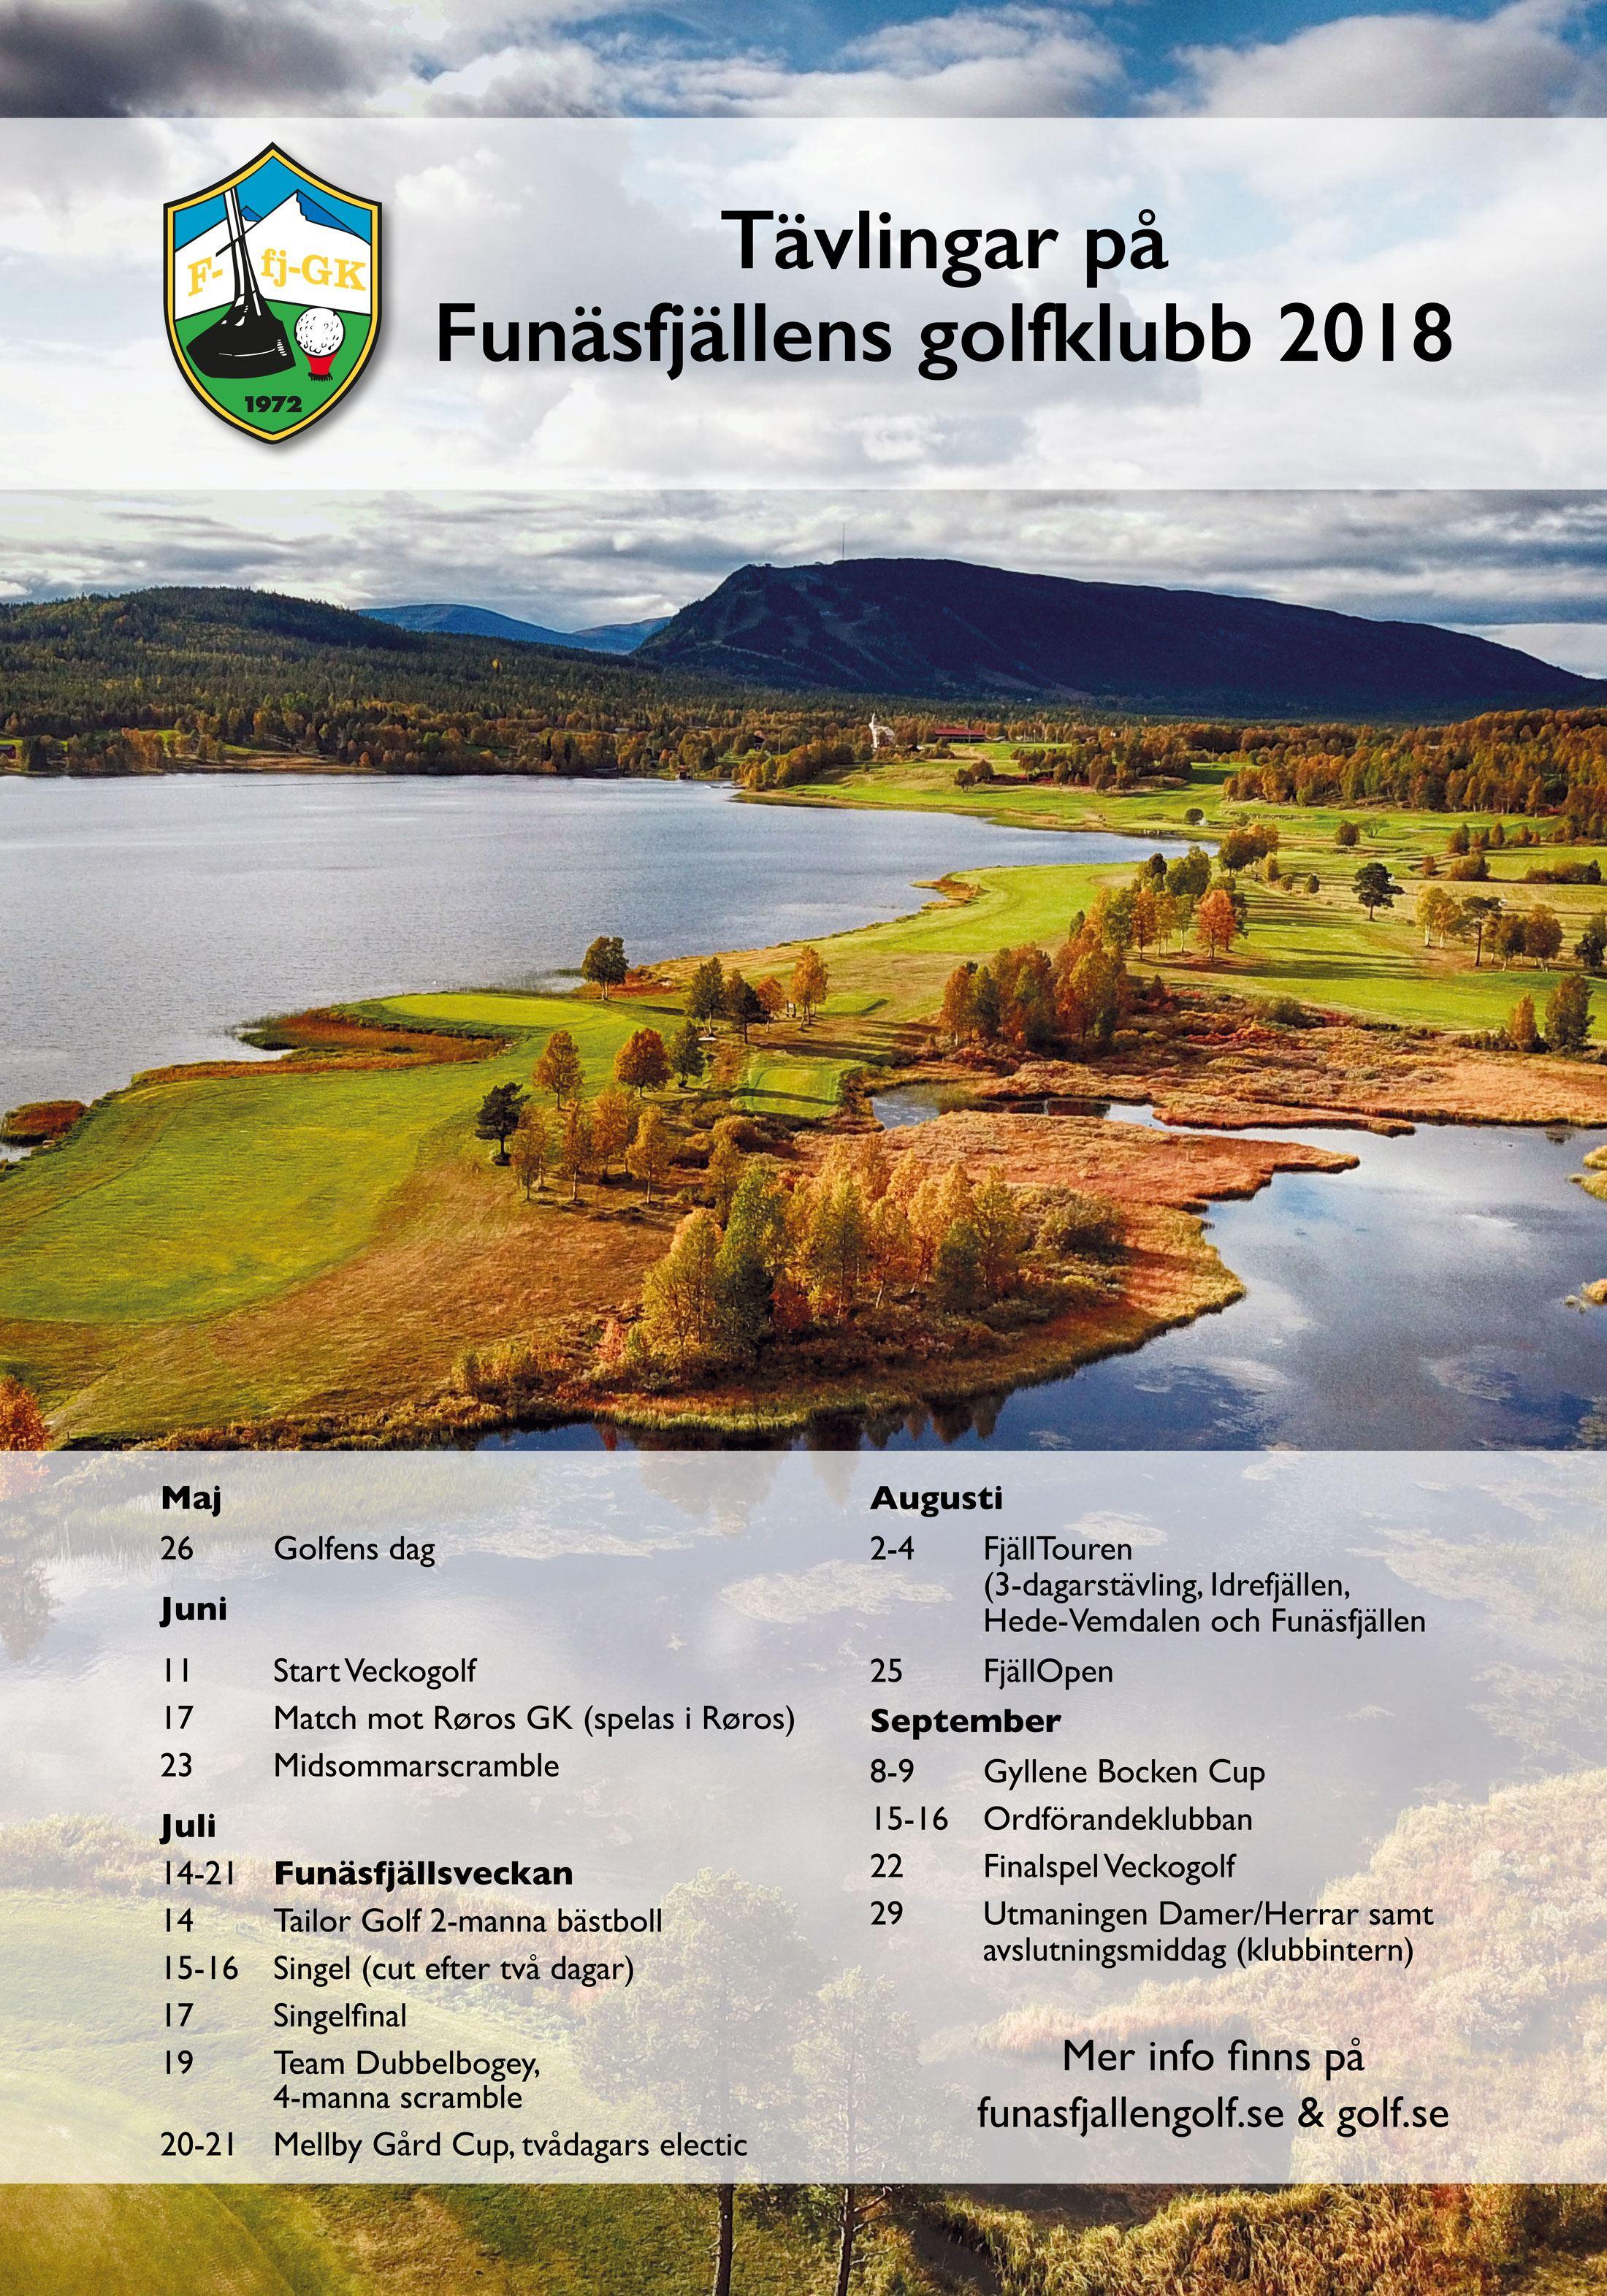 Tävlingar på Funäsfjällens golfklubb 2018